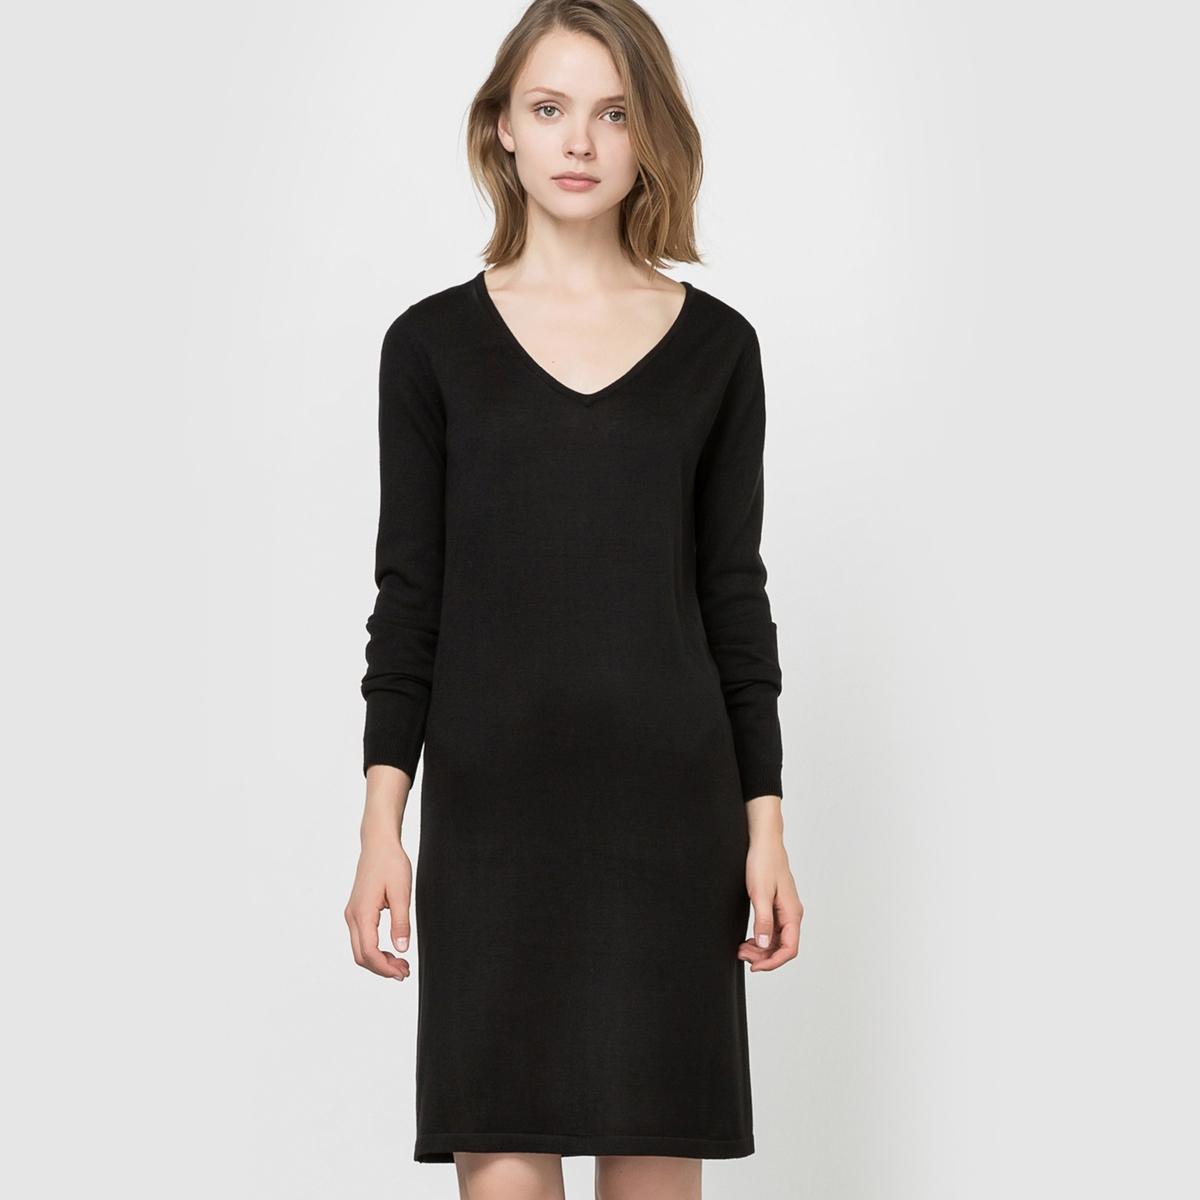 Платье-пуловерСостав и описание : Материал: 100% акрилаДлина: 90 см.Марка: R ?ditionУход :Машинная стирка при 30 °C    Гладить при умеренной температуре<br><br>Цвет: черный<br>Размер: 34/36 (FR) - 40/42 (RUS)